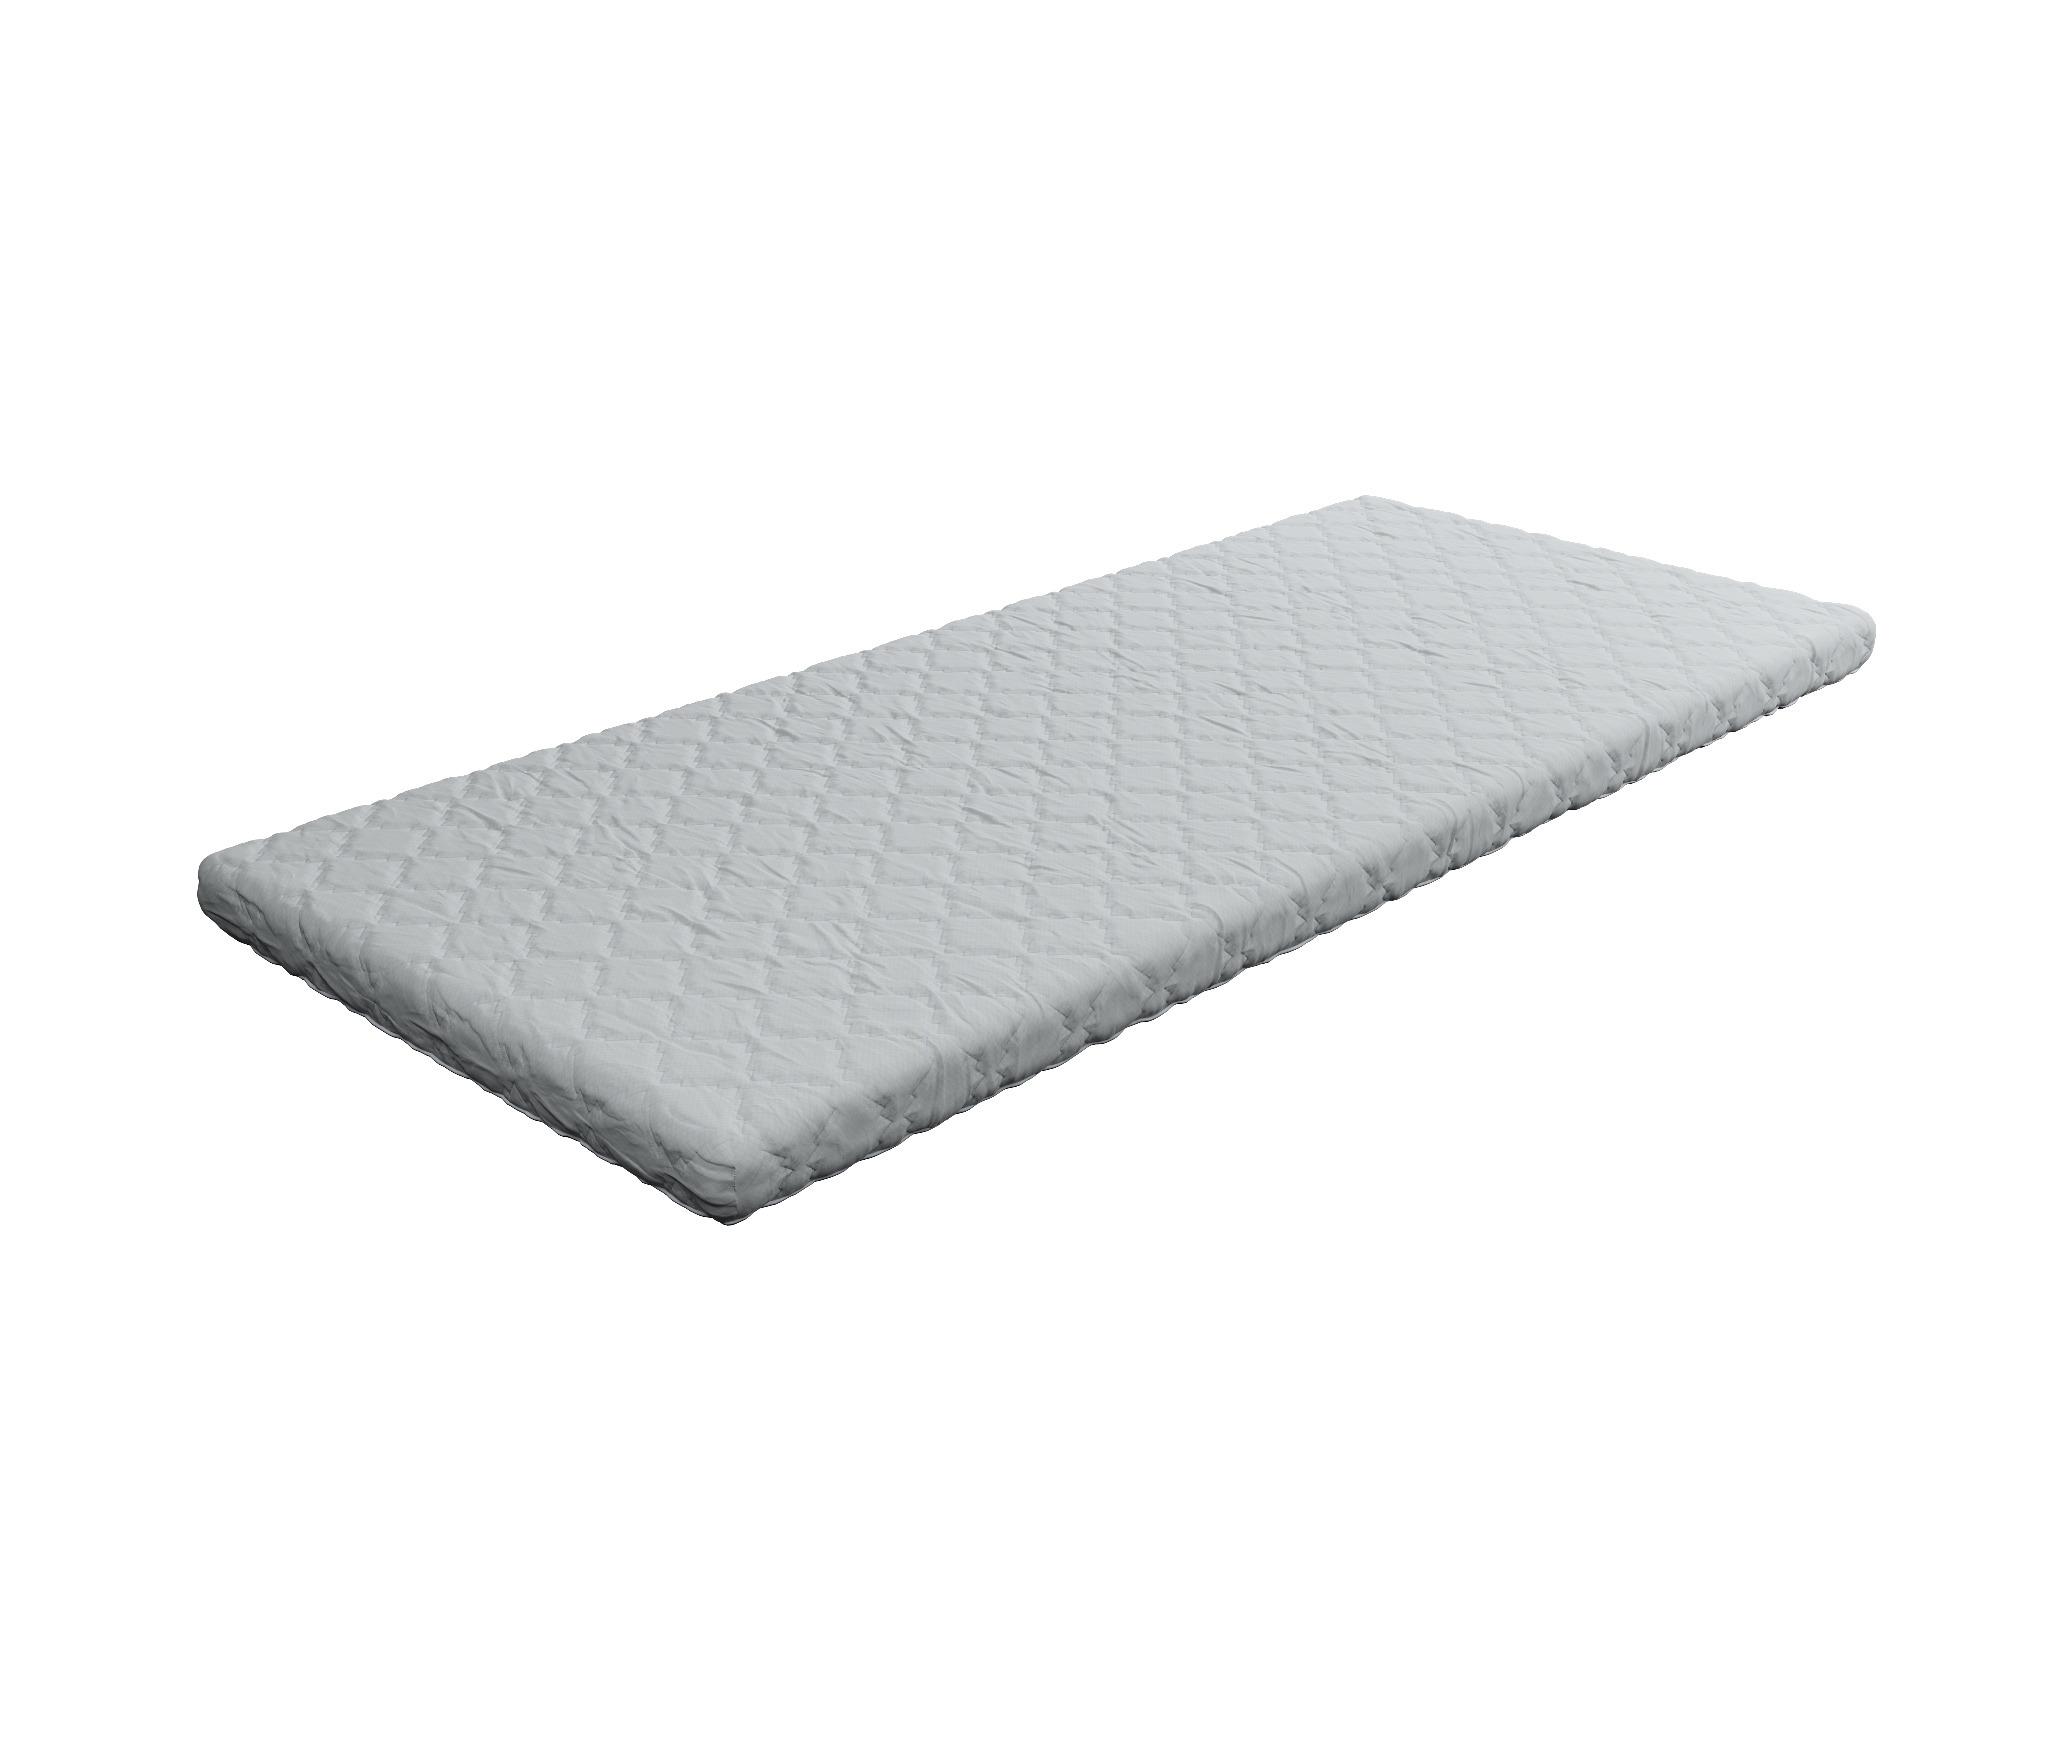 Матрас Топпер-Прима  800*2000Кровати<br>Топпер- это идеальное экономичное решение для дач, для выравнивания спального места на диване и для всех тех, кто хочет получить максимум комфорта при минимальных затратах.&#13;Блок ППУ высокой прочности, обе стороны ровные, чехол несъемный. Ткань чехла Stelline, плотностью 11 pix.&#13;Толщина 40 мм.&#13;Макс. нагрузка 100 кг, при использовании на диване или матрасе.<br><br>Длина мм: 800<br>Высота мм: 40<br>Глубина мм: 2000<br>Длина матраса: 2000<br>Ширина матраса: 800